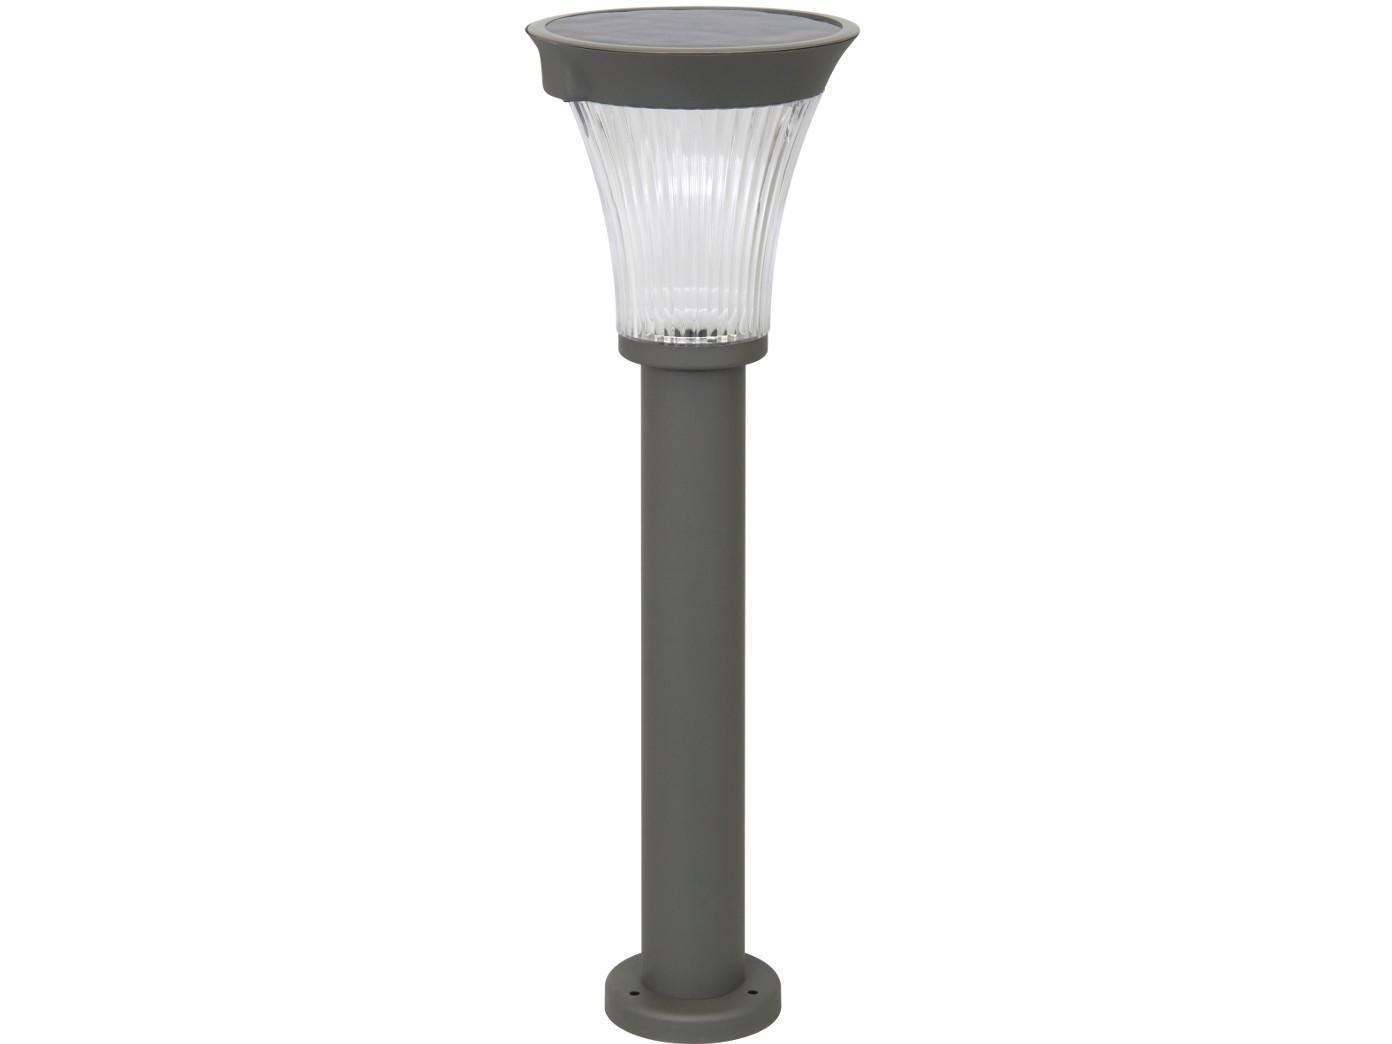 LED Solarleuchte mit Fuß, Edelstahl schwarz, Leuchtkraft bis 180 Lumen Lumen Lumen a62951